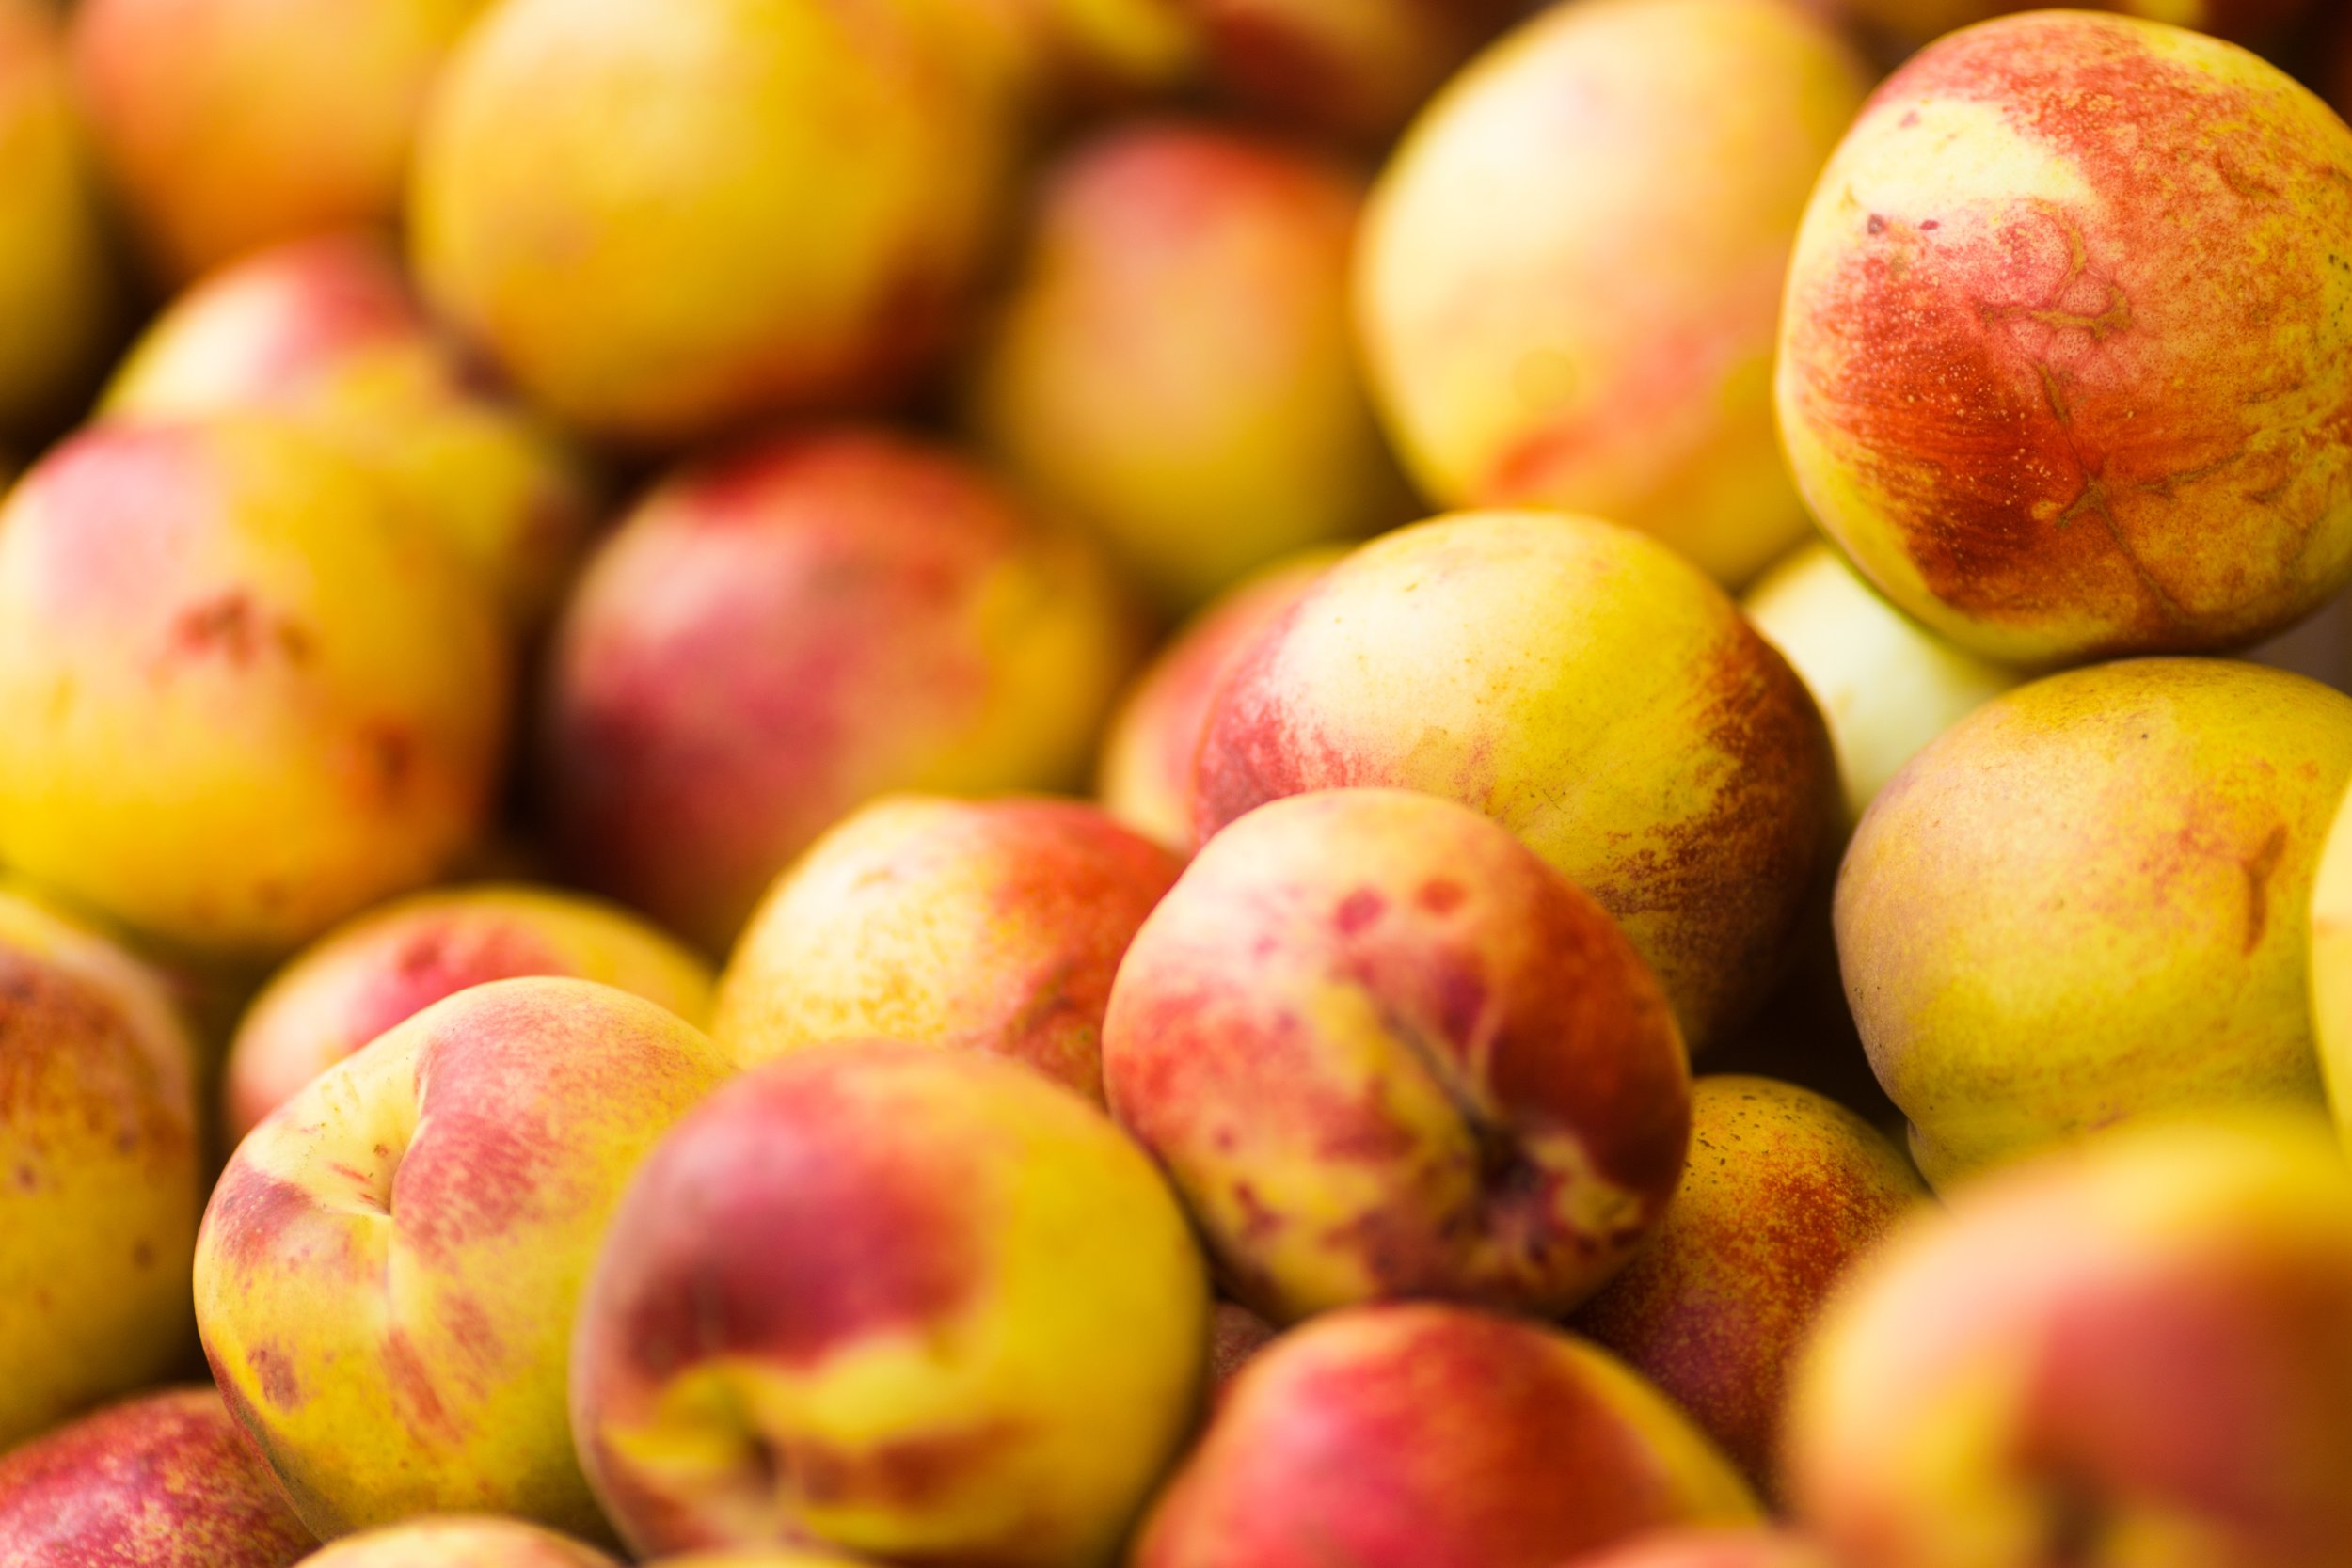 3. Nectarines -